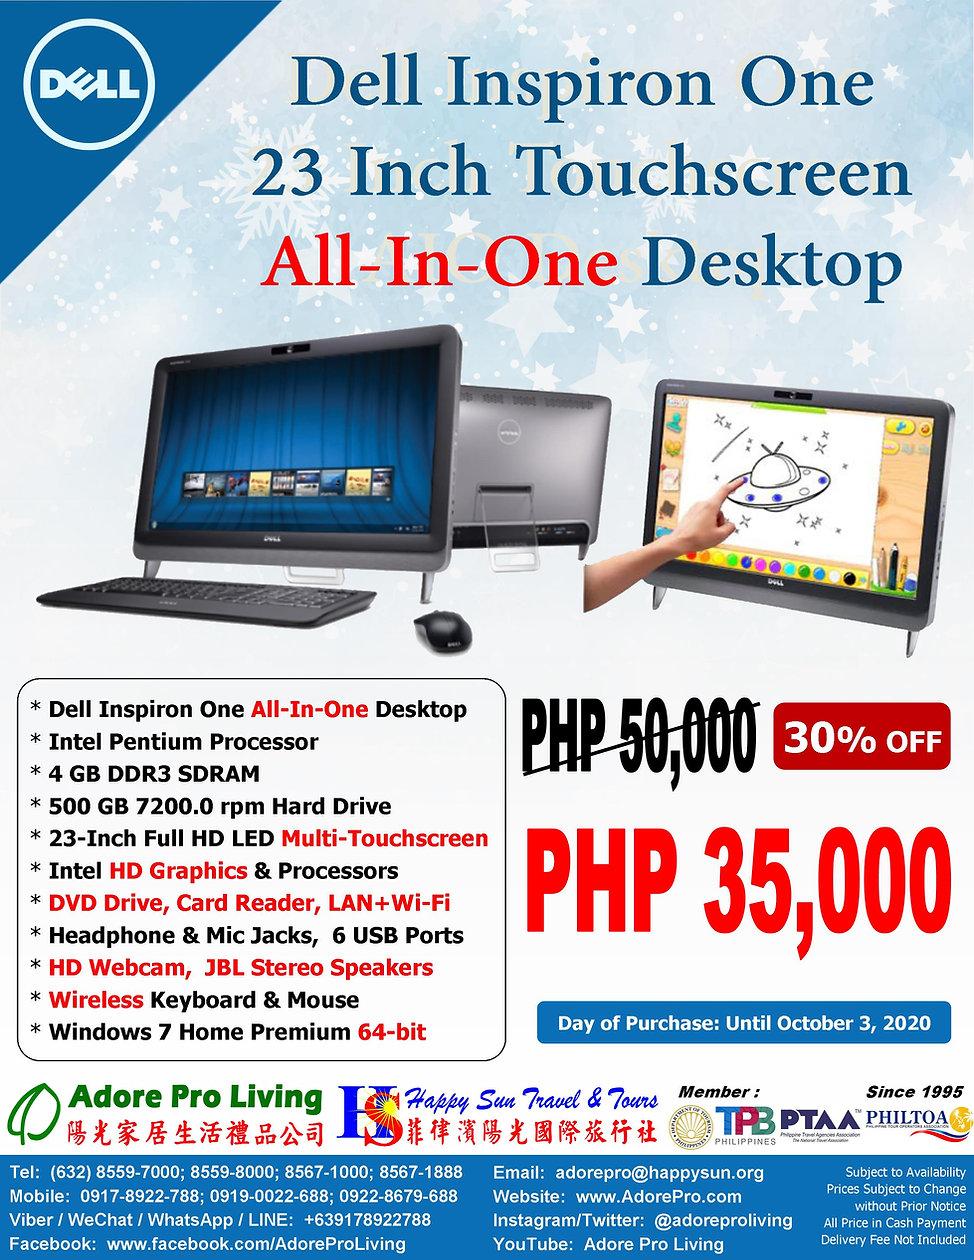 1.InspironOne2320TouchscreenAIODesktop_D